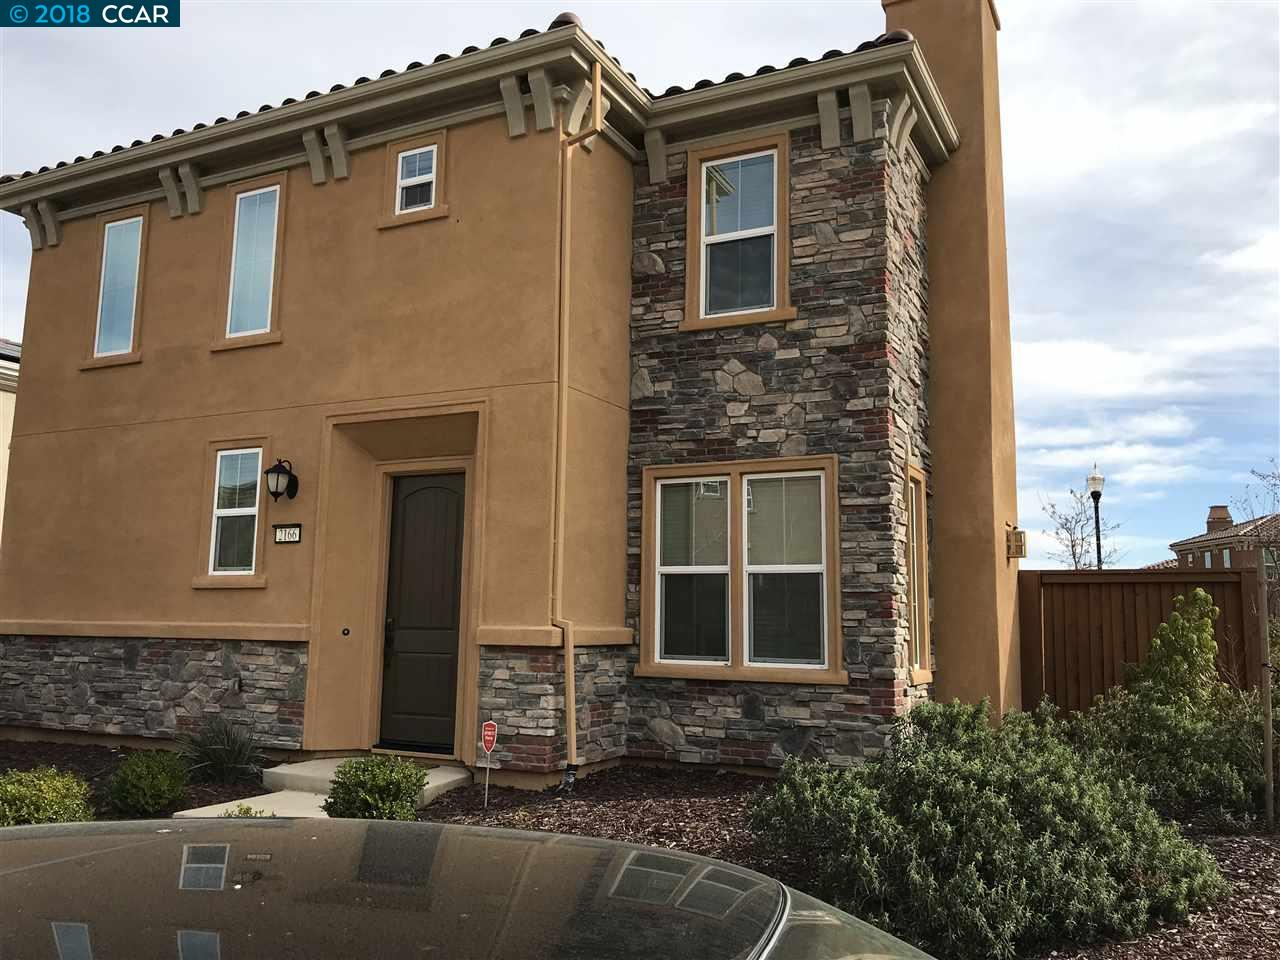 Частный односемейный дом для того Аренда на 2166 Prato Street 2166 Prato Street Brentwood, Калифорния 94513 Соединенные Штаты